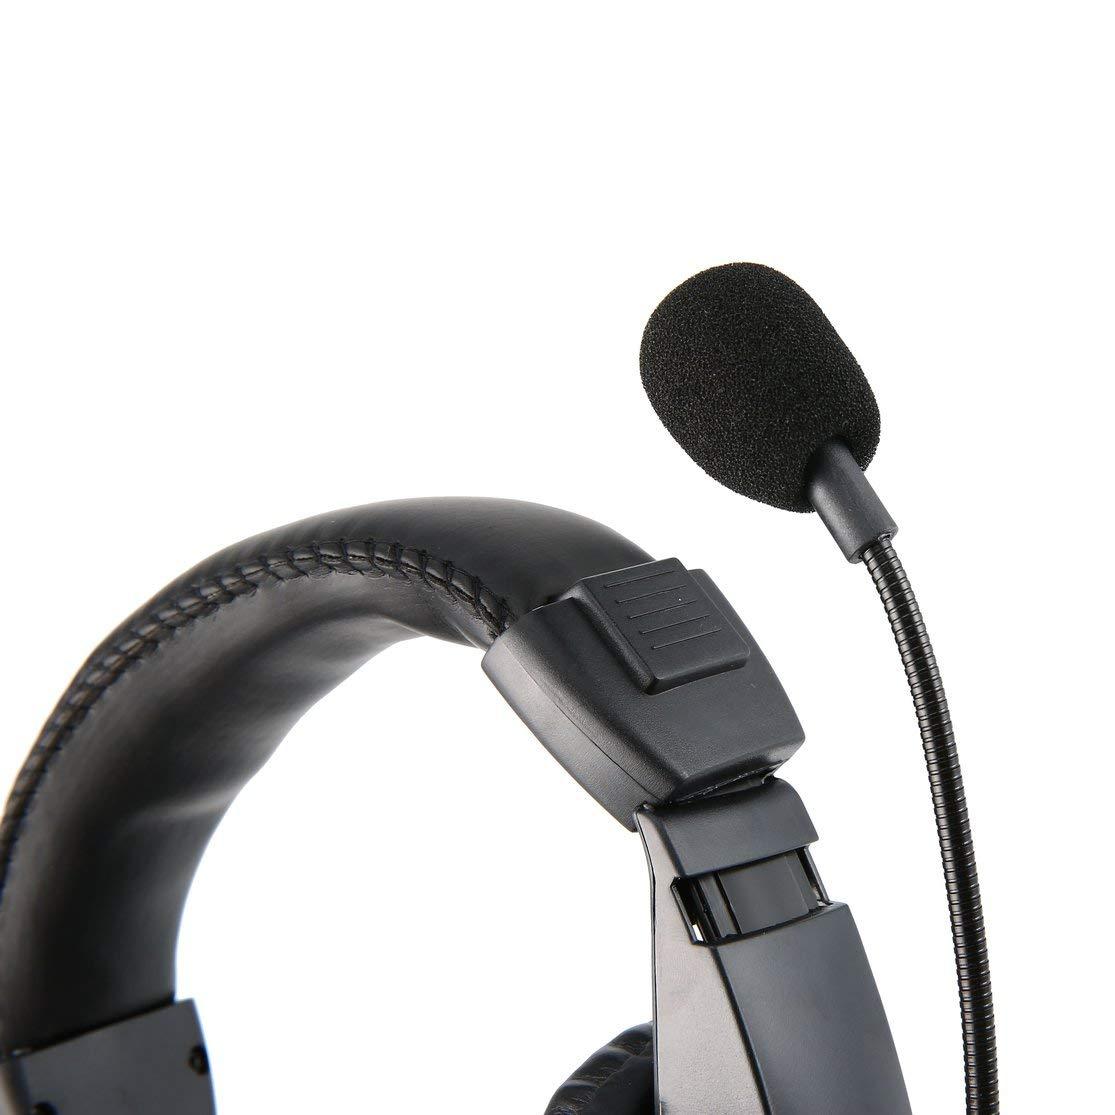 LouiseEvel215 Professionelle Kopfh/örer mit Rauschunterdr/ückung und VOX-PTT-Boom-Mikrofon f/ür 2-polige Kenwood-Kopfh/örer